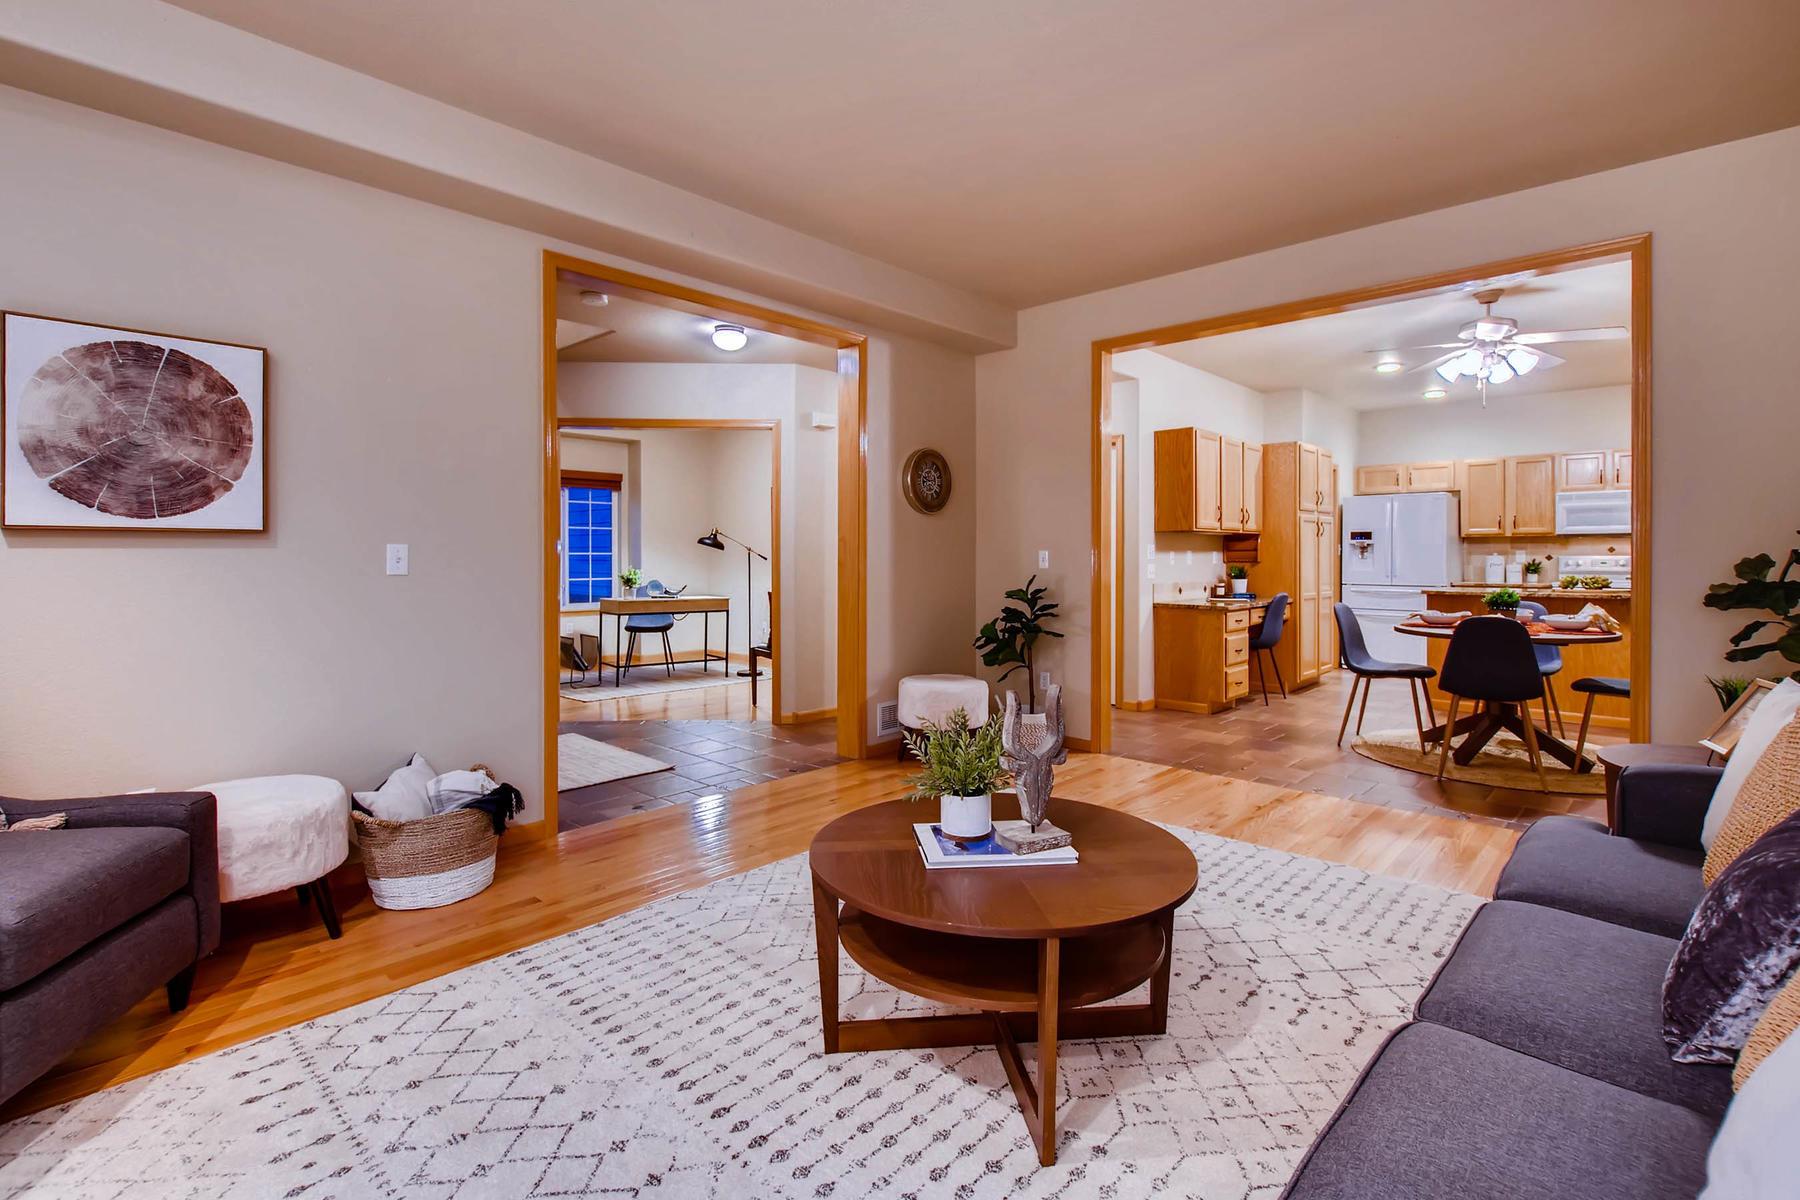 1694 Seven Lakes Dr Loveland-MLS_Size-006-5-Living Room-1800x1200-72dpi.jpg